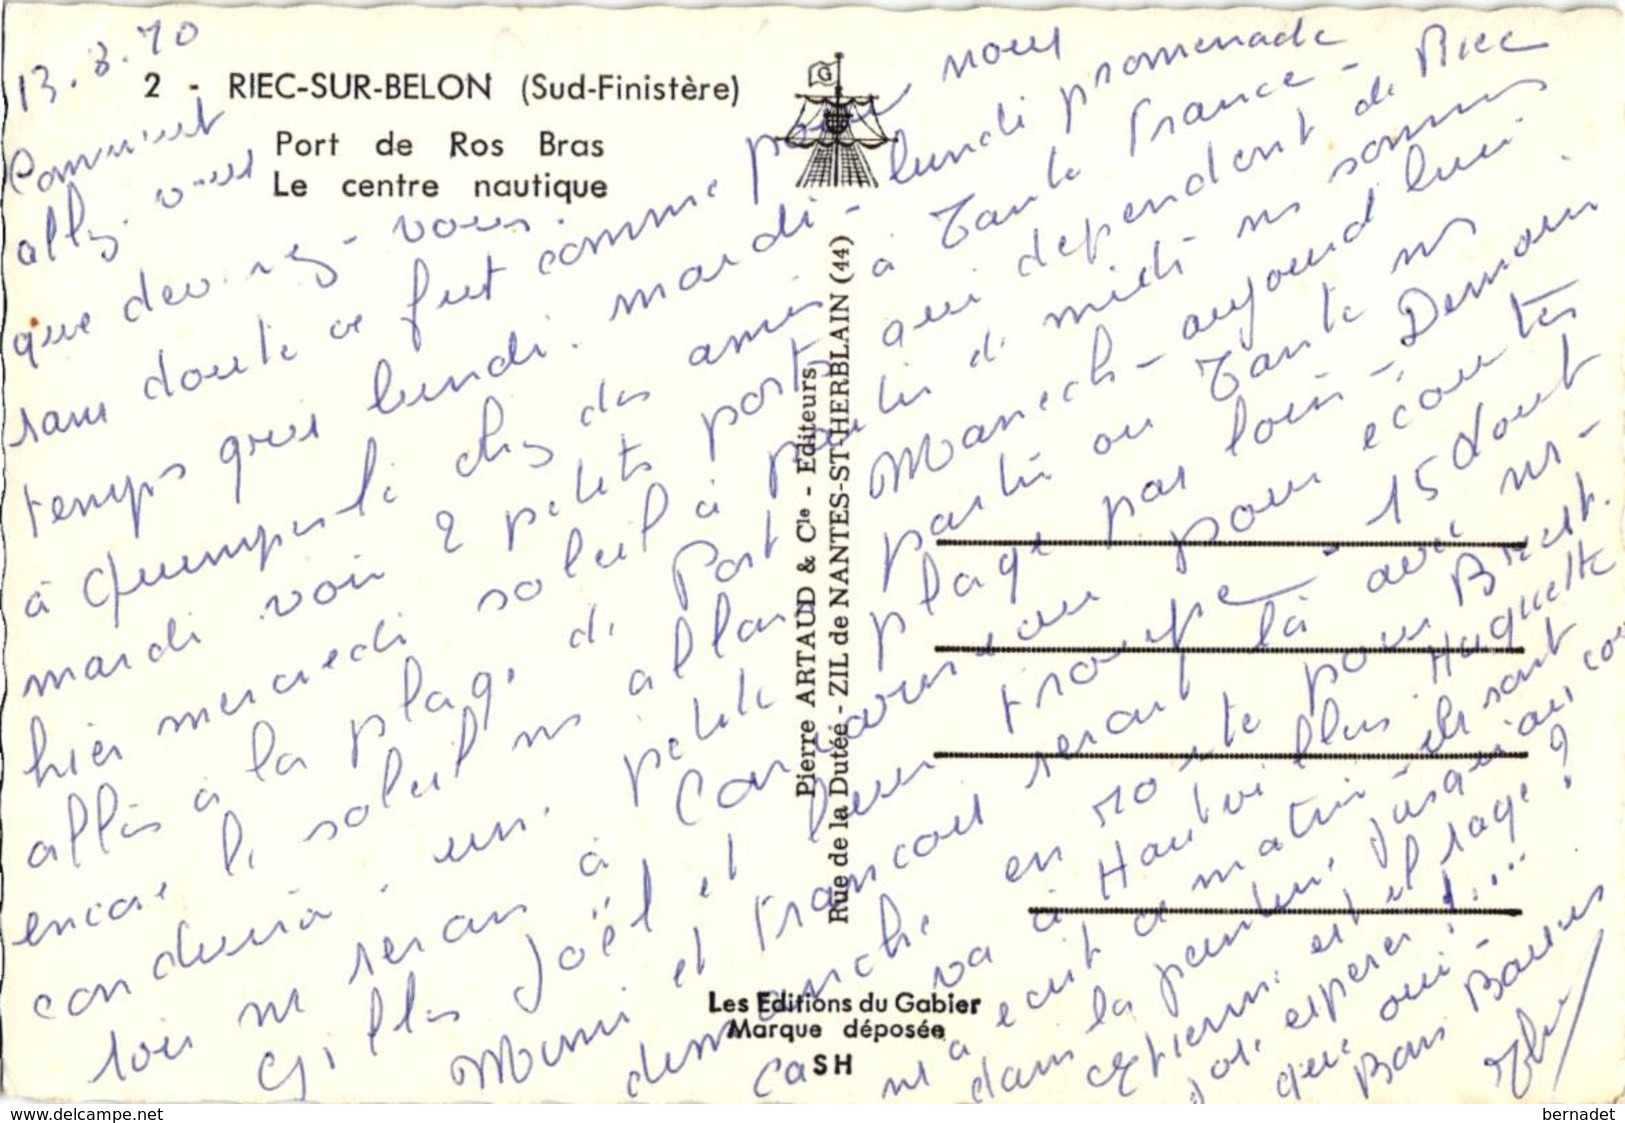 29 .. RIEC SUR BELON ... PORT DE ROS BRAS ... LE CENTRE NAUTIQUE  ..1970 - France